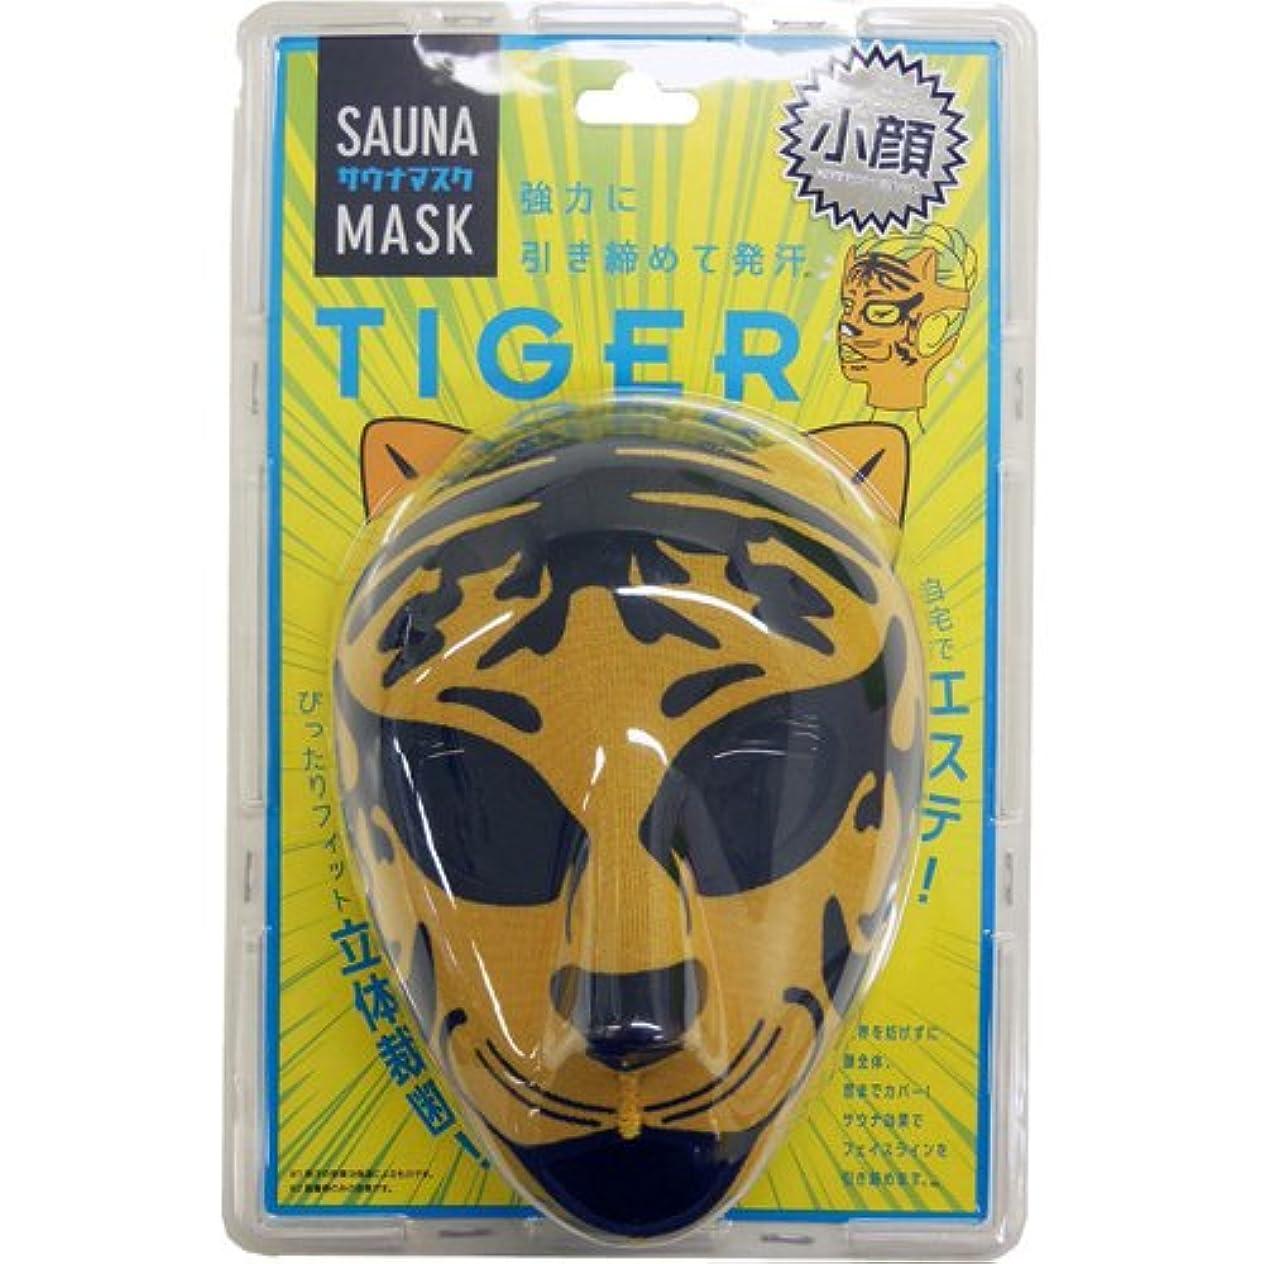 関連するつぶす植生コジット サウナマスク TIGER (1個)